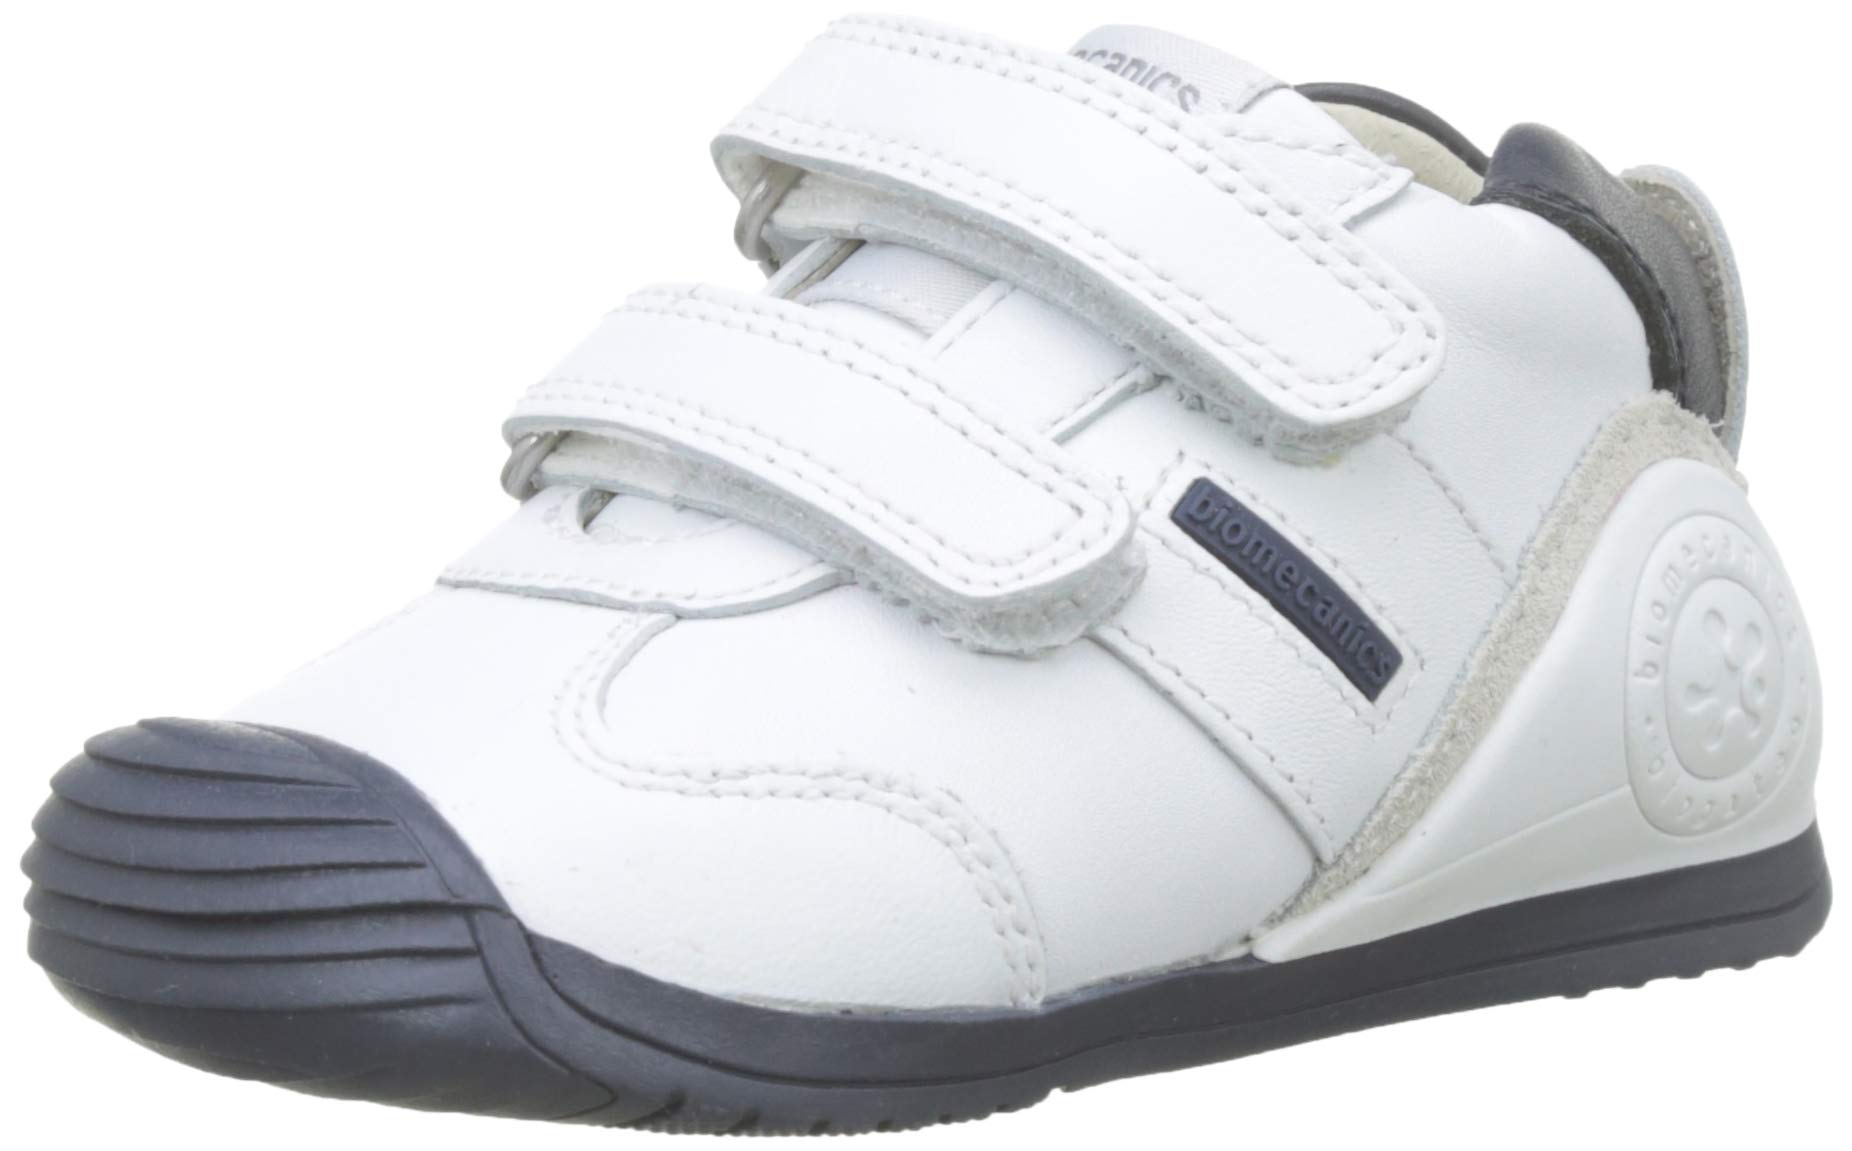 258c9f3e Mejor valorados en Primeros zapatos para niños & Opiniones útiles de ...